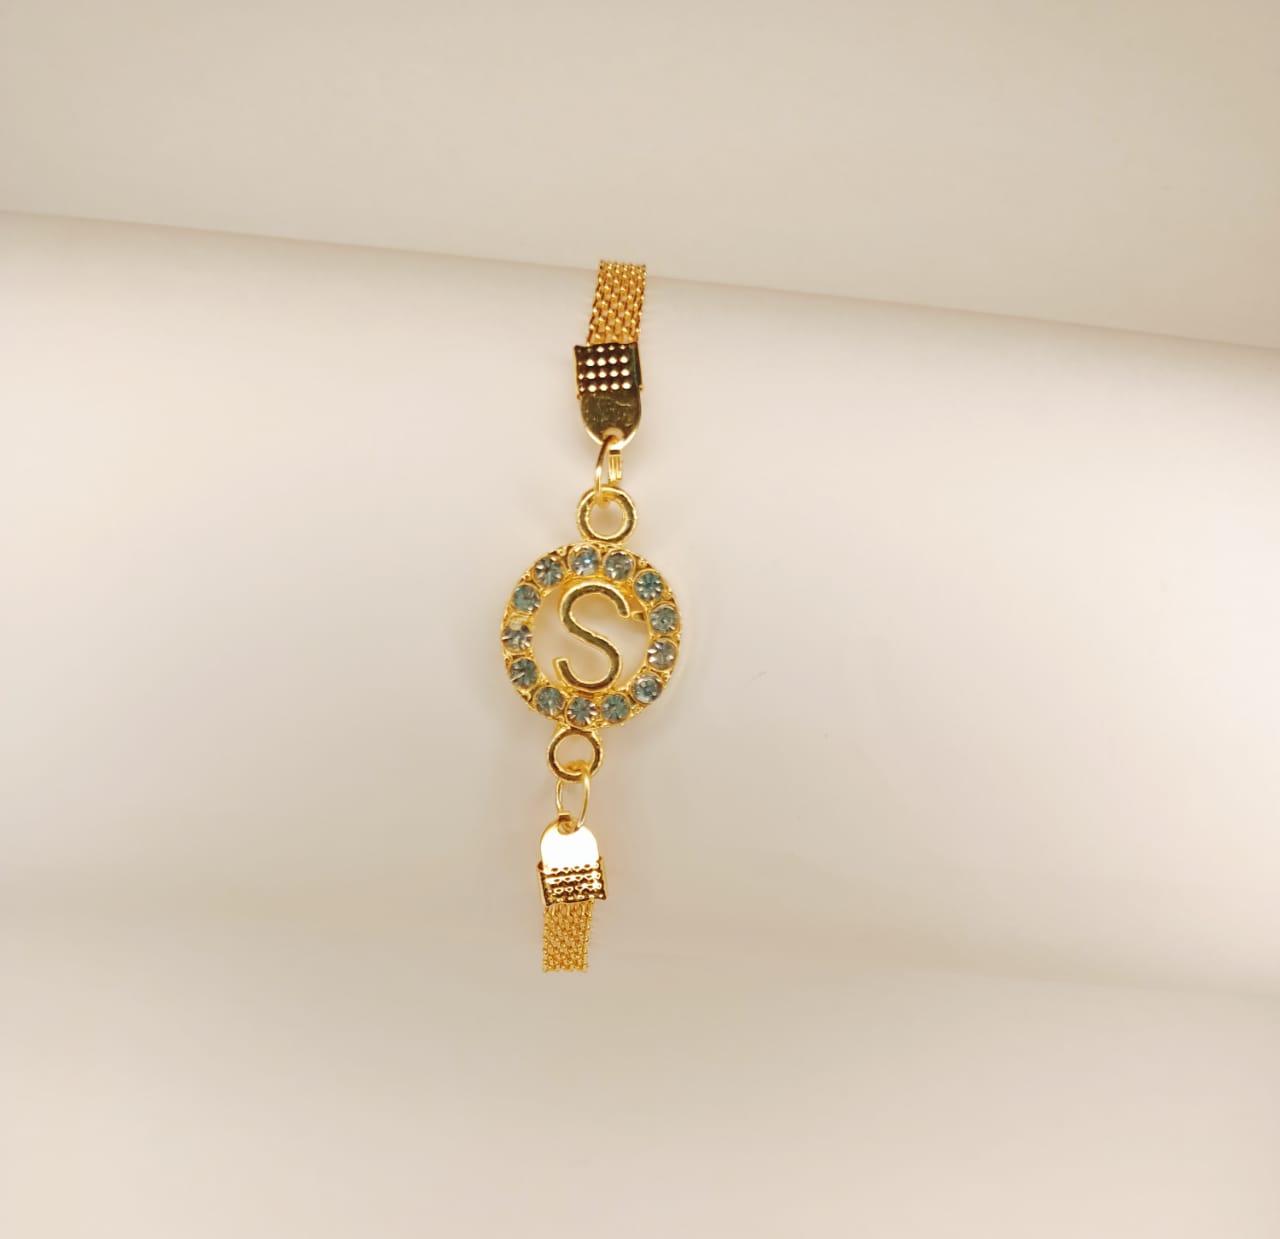 Classy Gold Round S Design Zircon Bracelet For Girls, Women